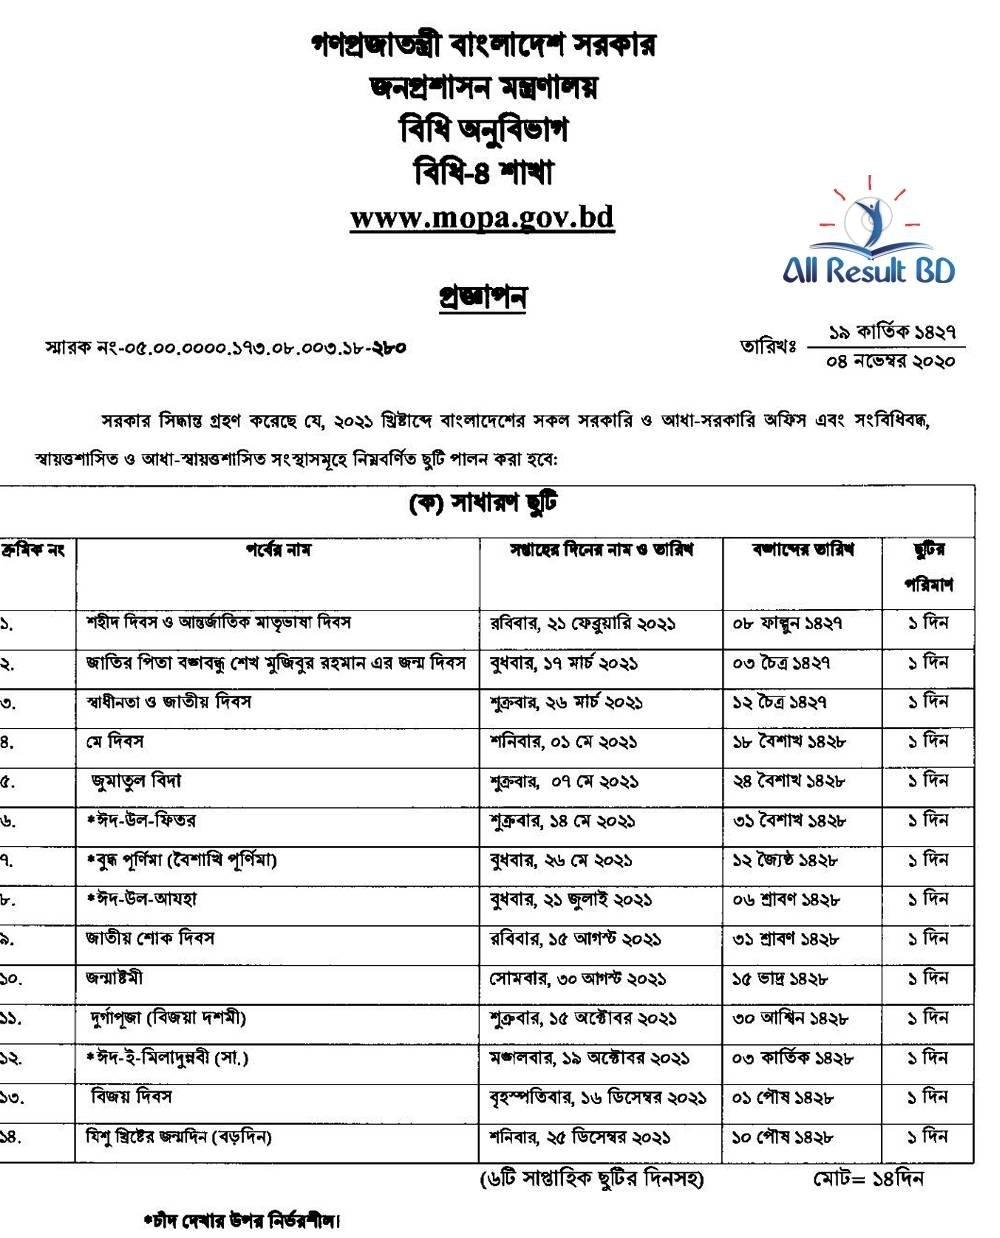 Bangladesh Bank Holiday Calendar 2021 - December October 2021 regarding Bangladesh 2021 Government Calendar